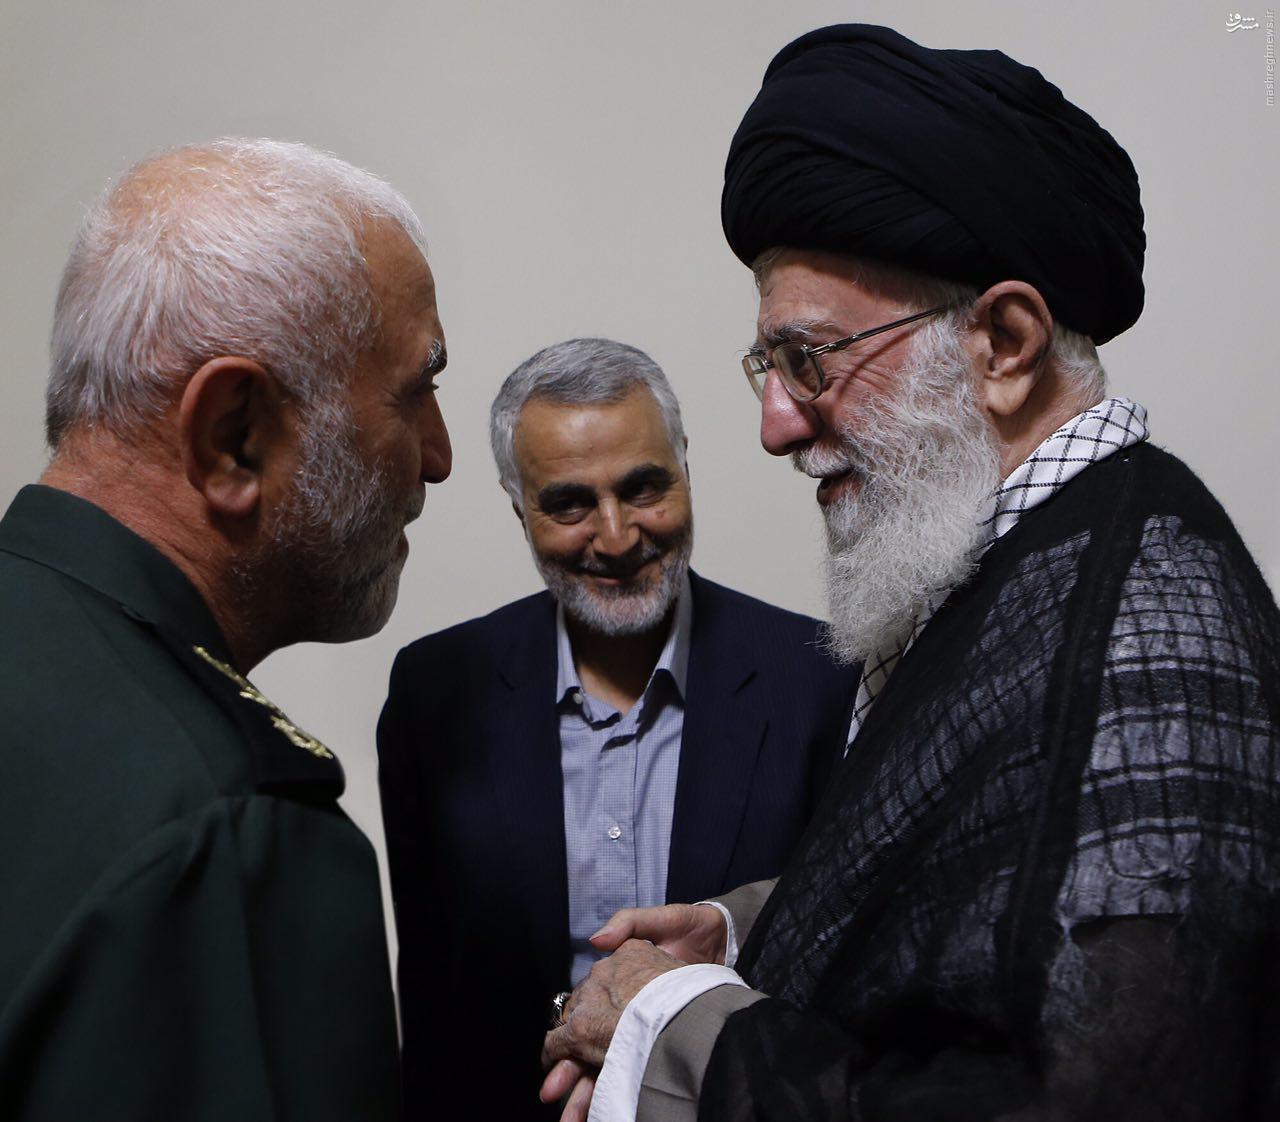 آخرین تصویر سردار همدانی در کنار حاج قاسم سلیمانی لحظاتی پیش از شهادت